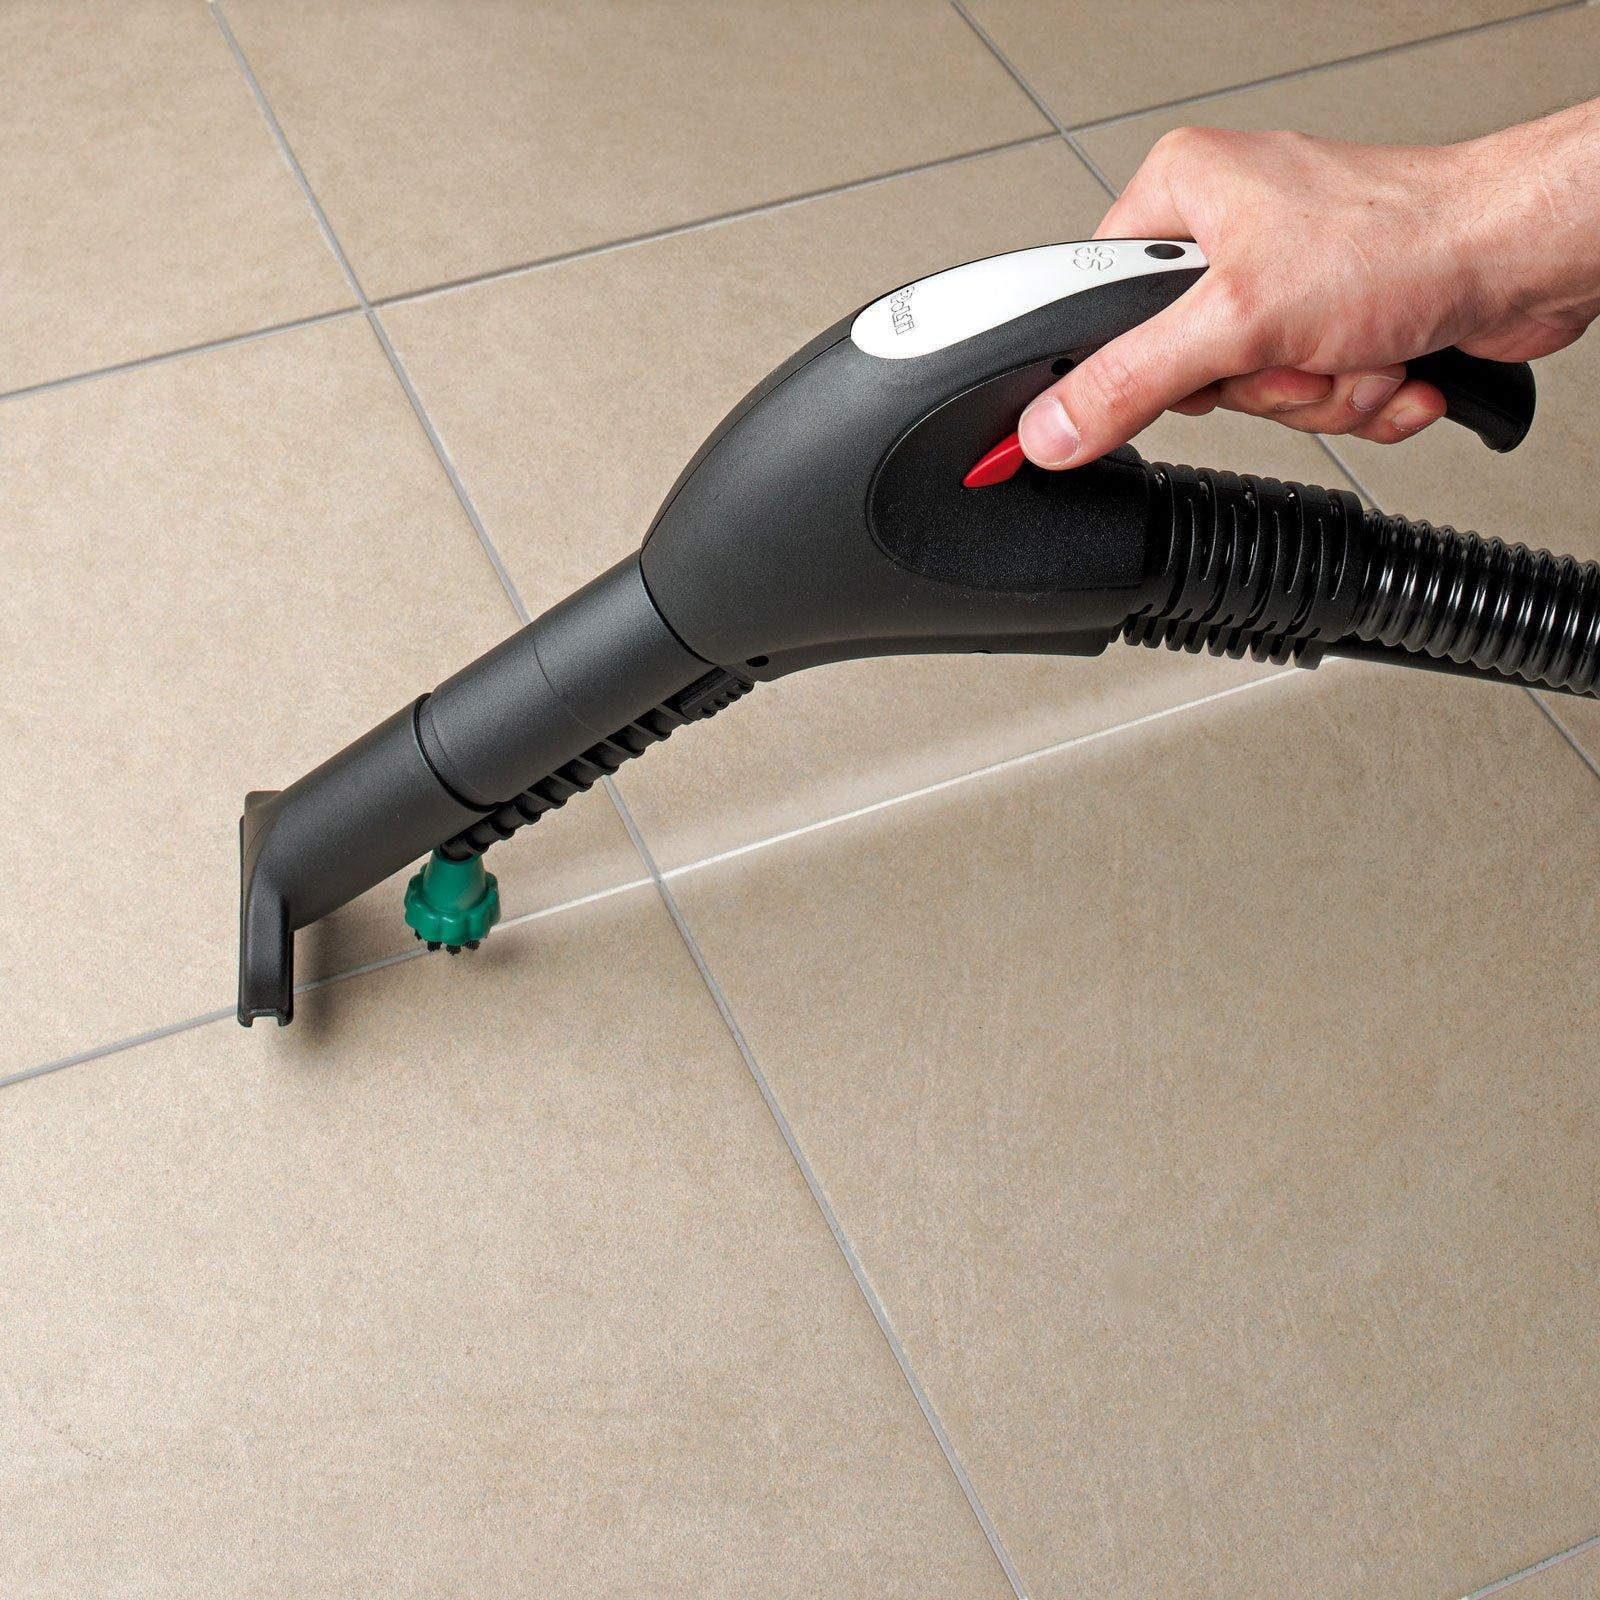 Pulire le fughe tra le piastrelle cose di casa - Pulire fughe piastrelle aceto ...